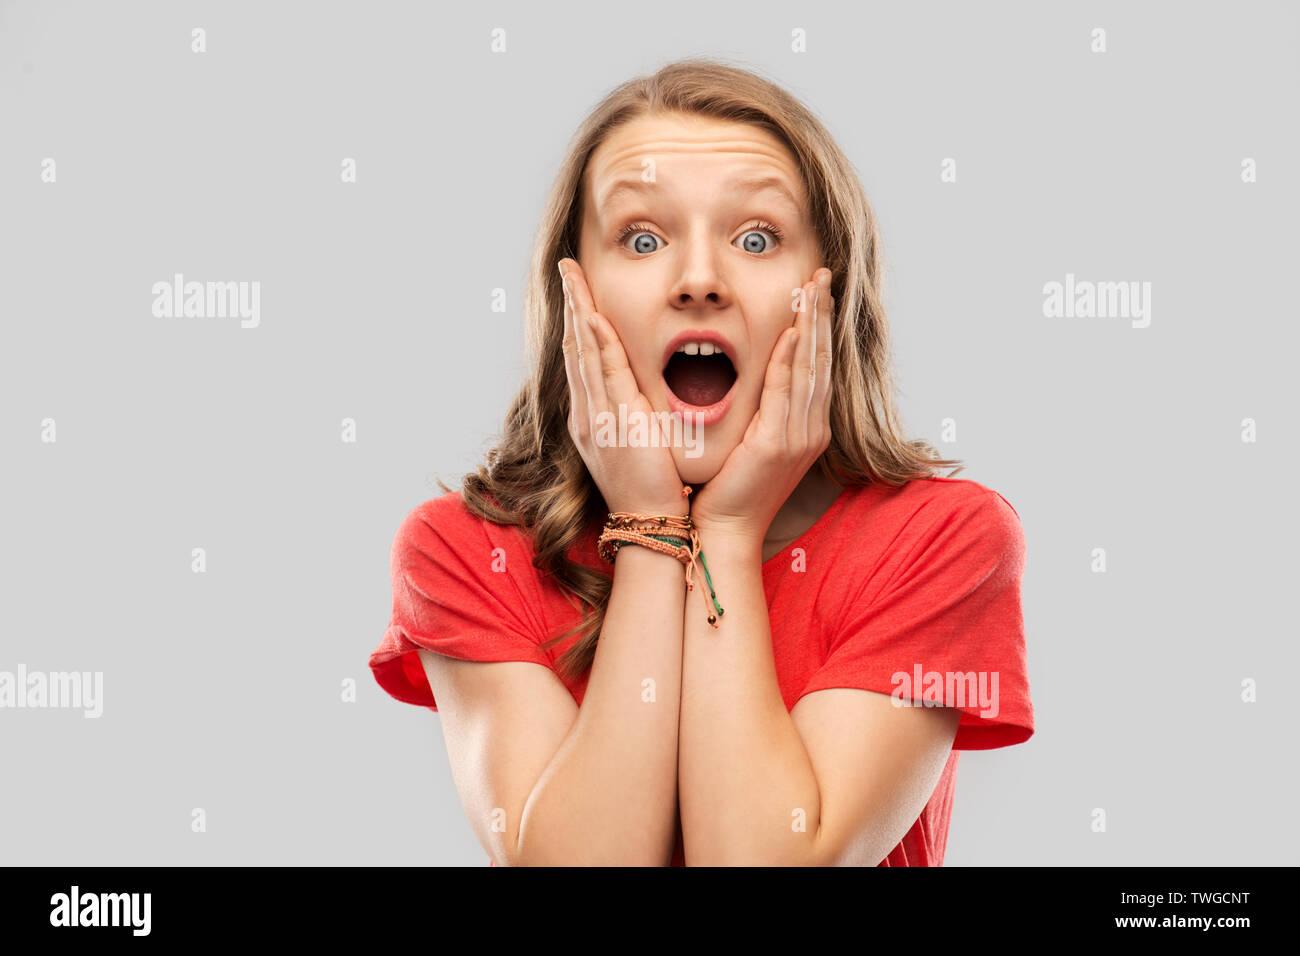 Schockiert oder Angst teenage Mädchen im roten T-Shirt Stockbild